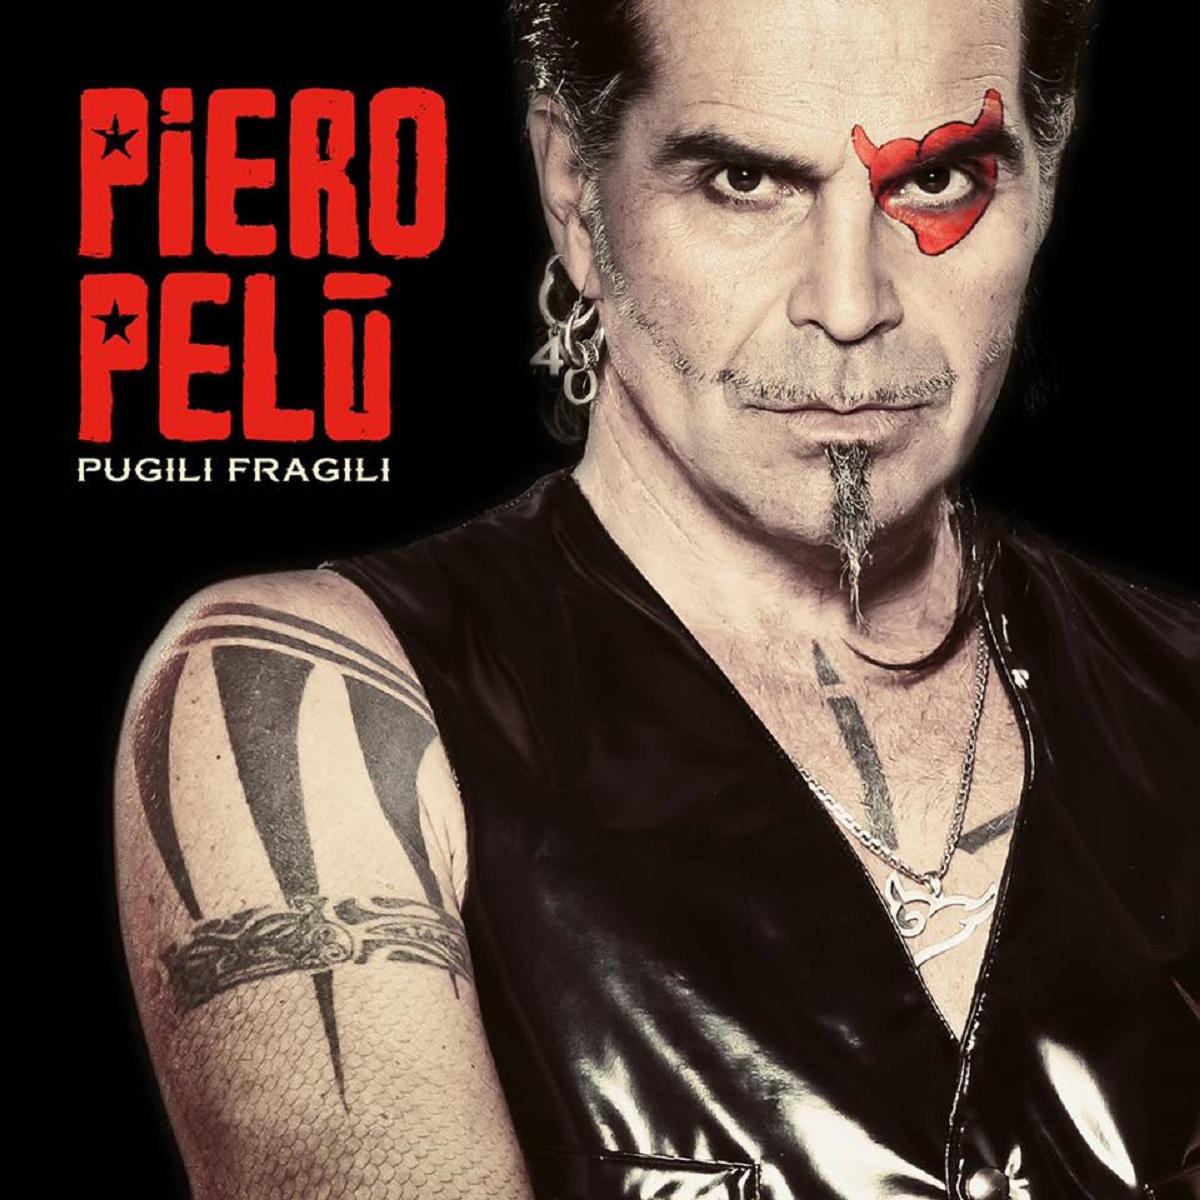 Gigante Piero Pelù pugili fragili album 2020 cover